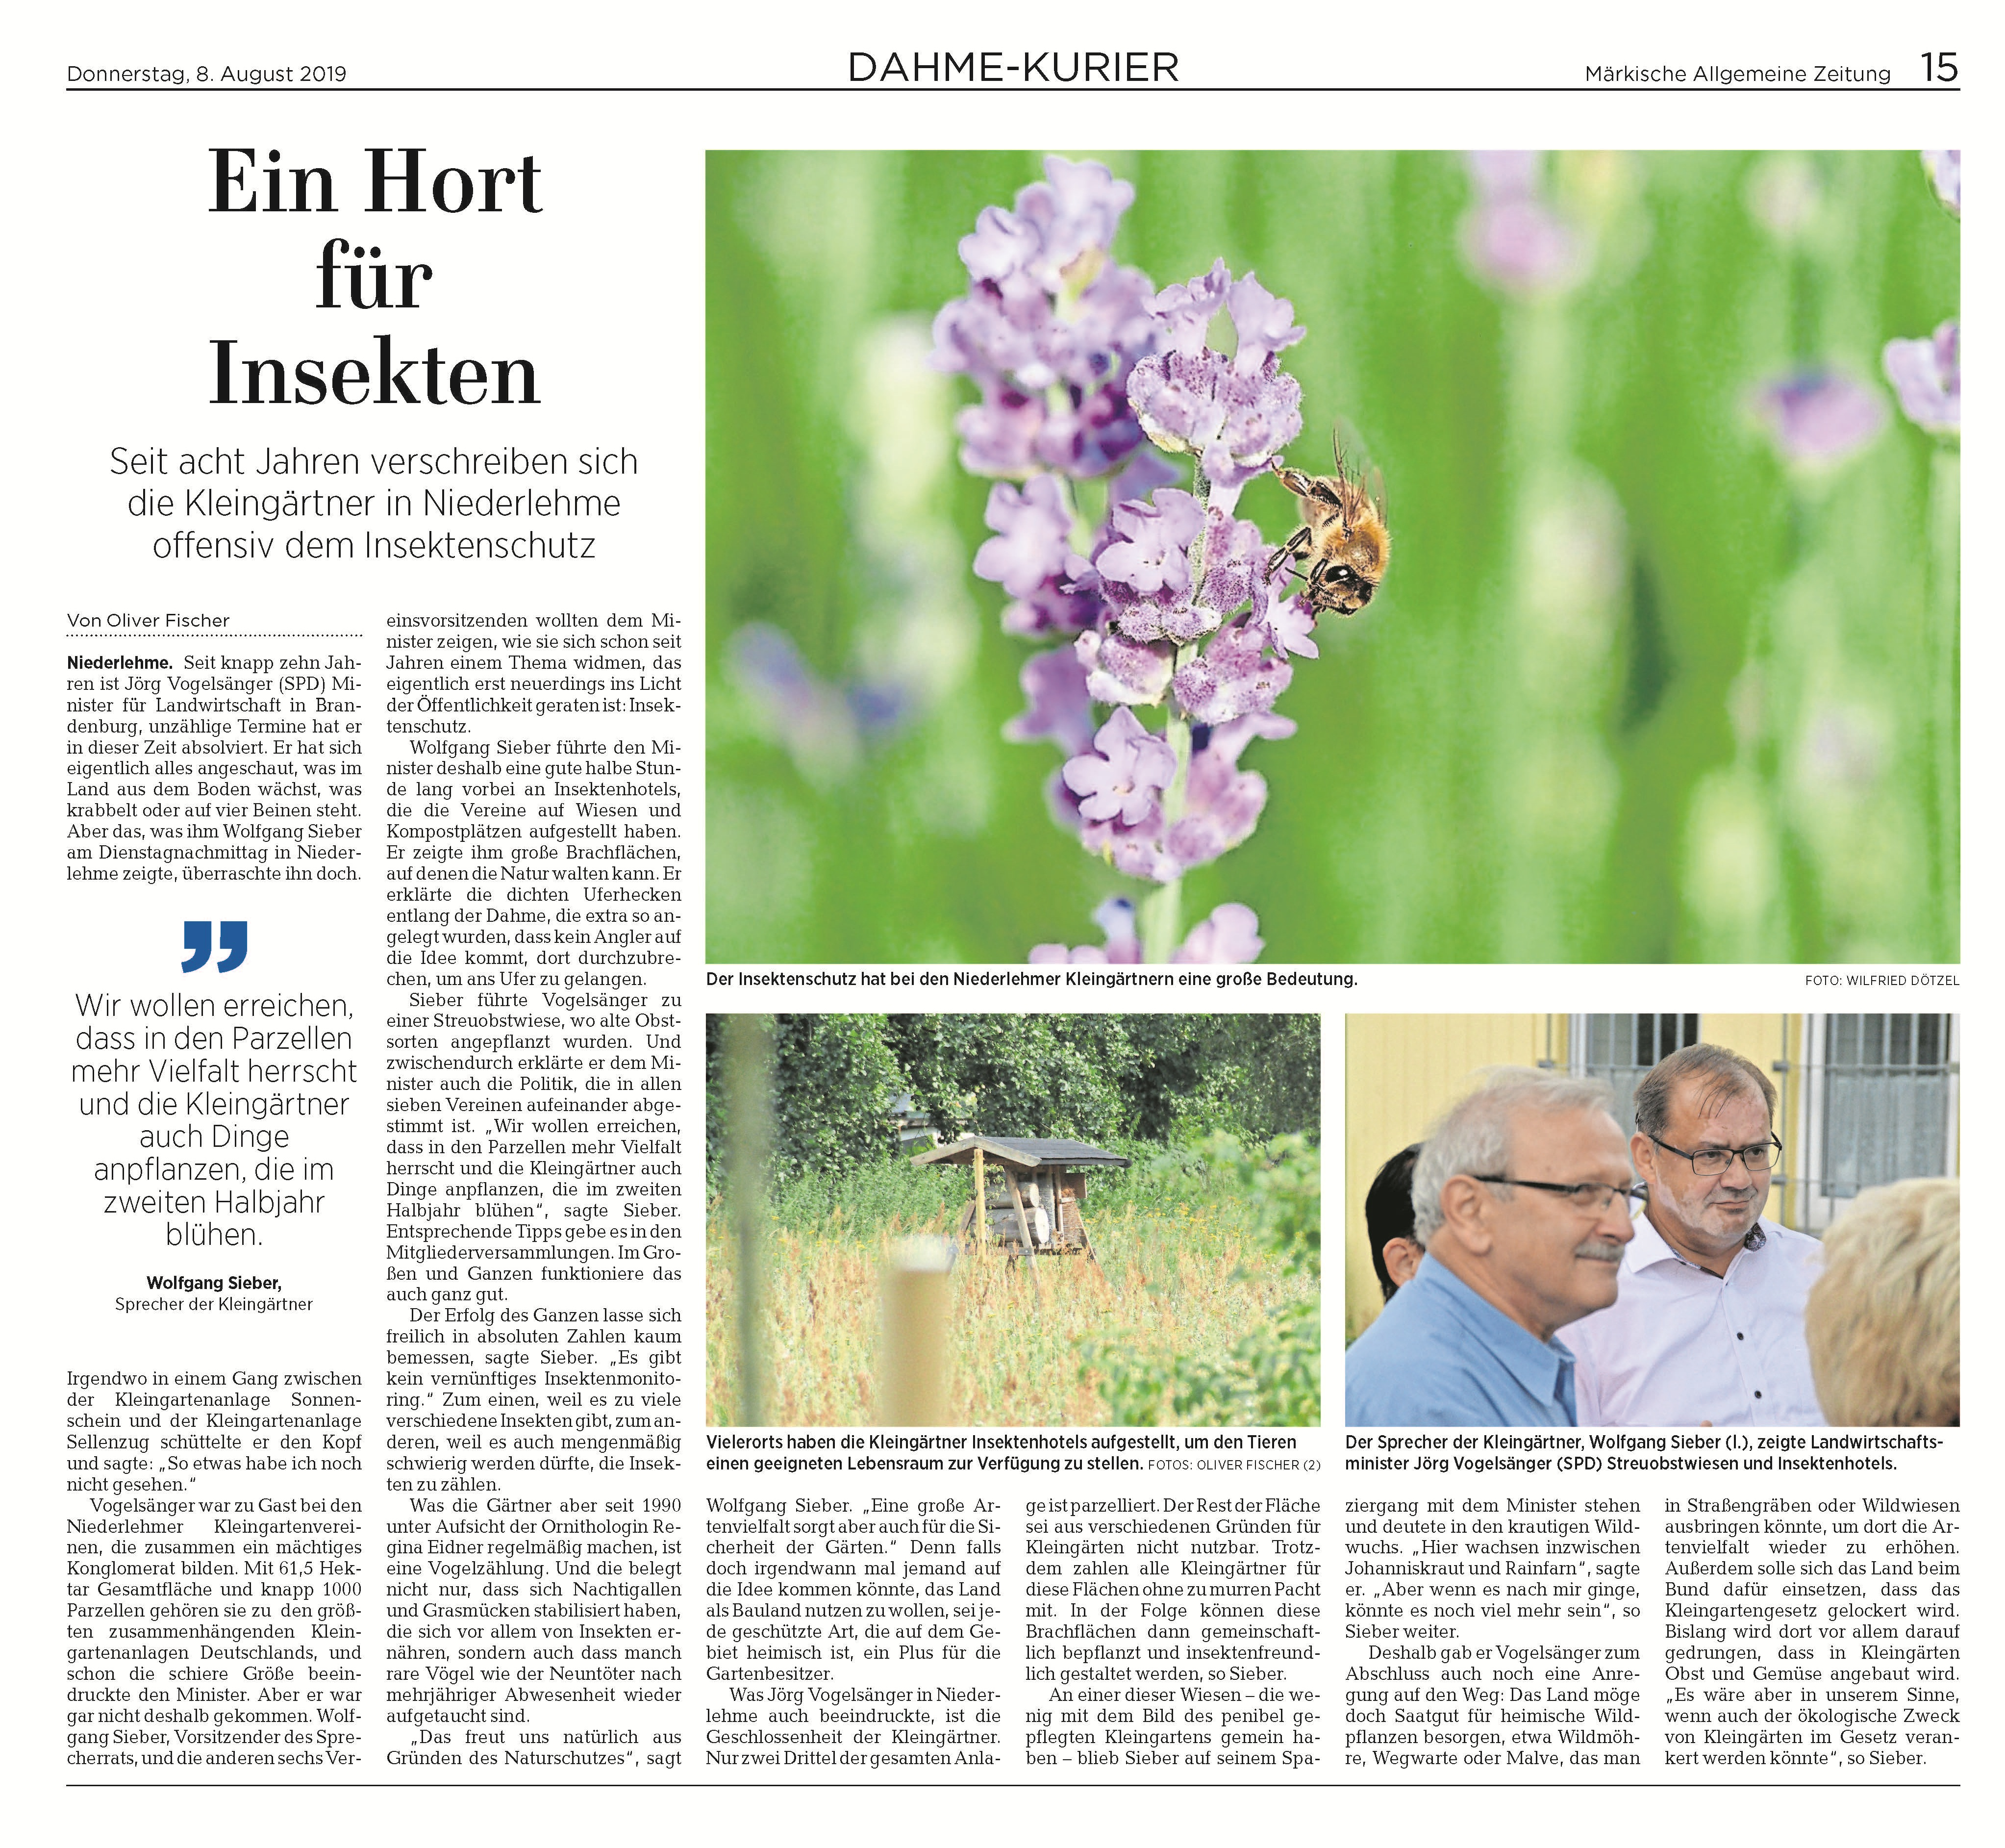 Landwirtschaftsminister Jörg Vogelsänger (SPD)  Zum vergrößern klicken